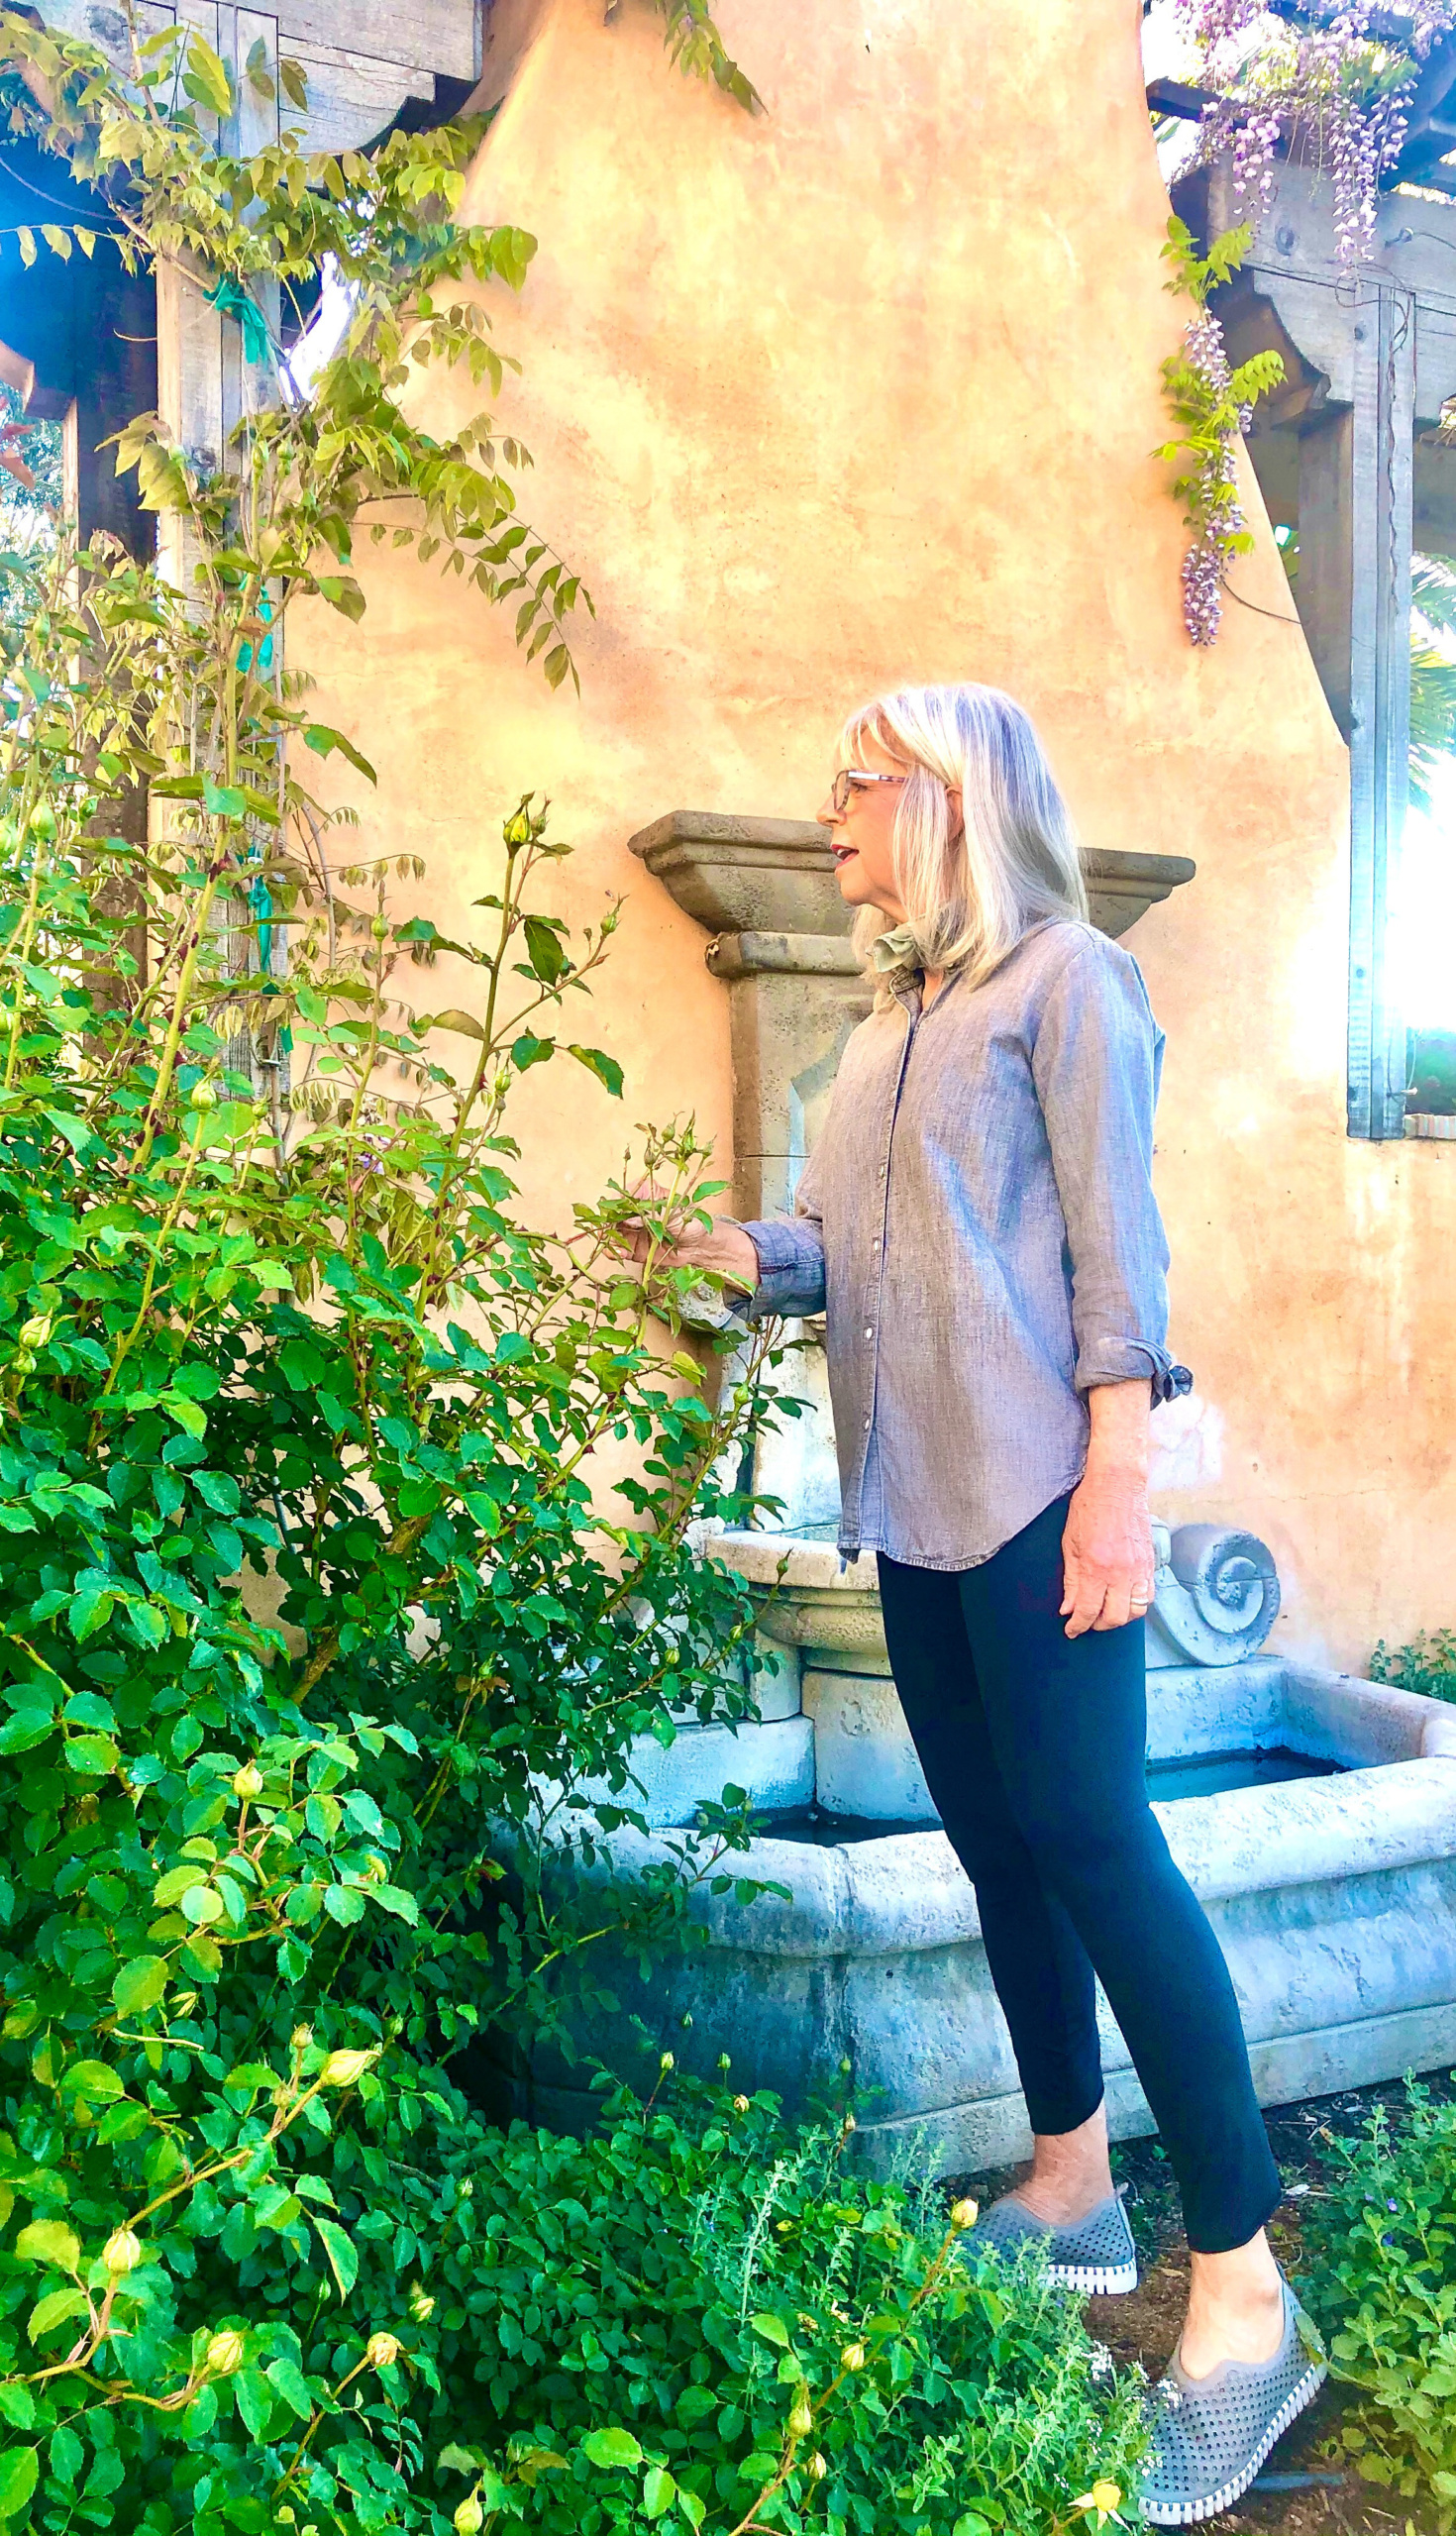 cindy hattersley in her garden